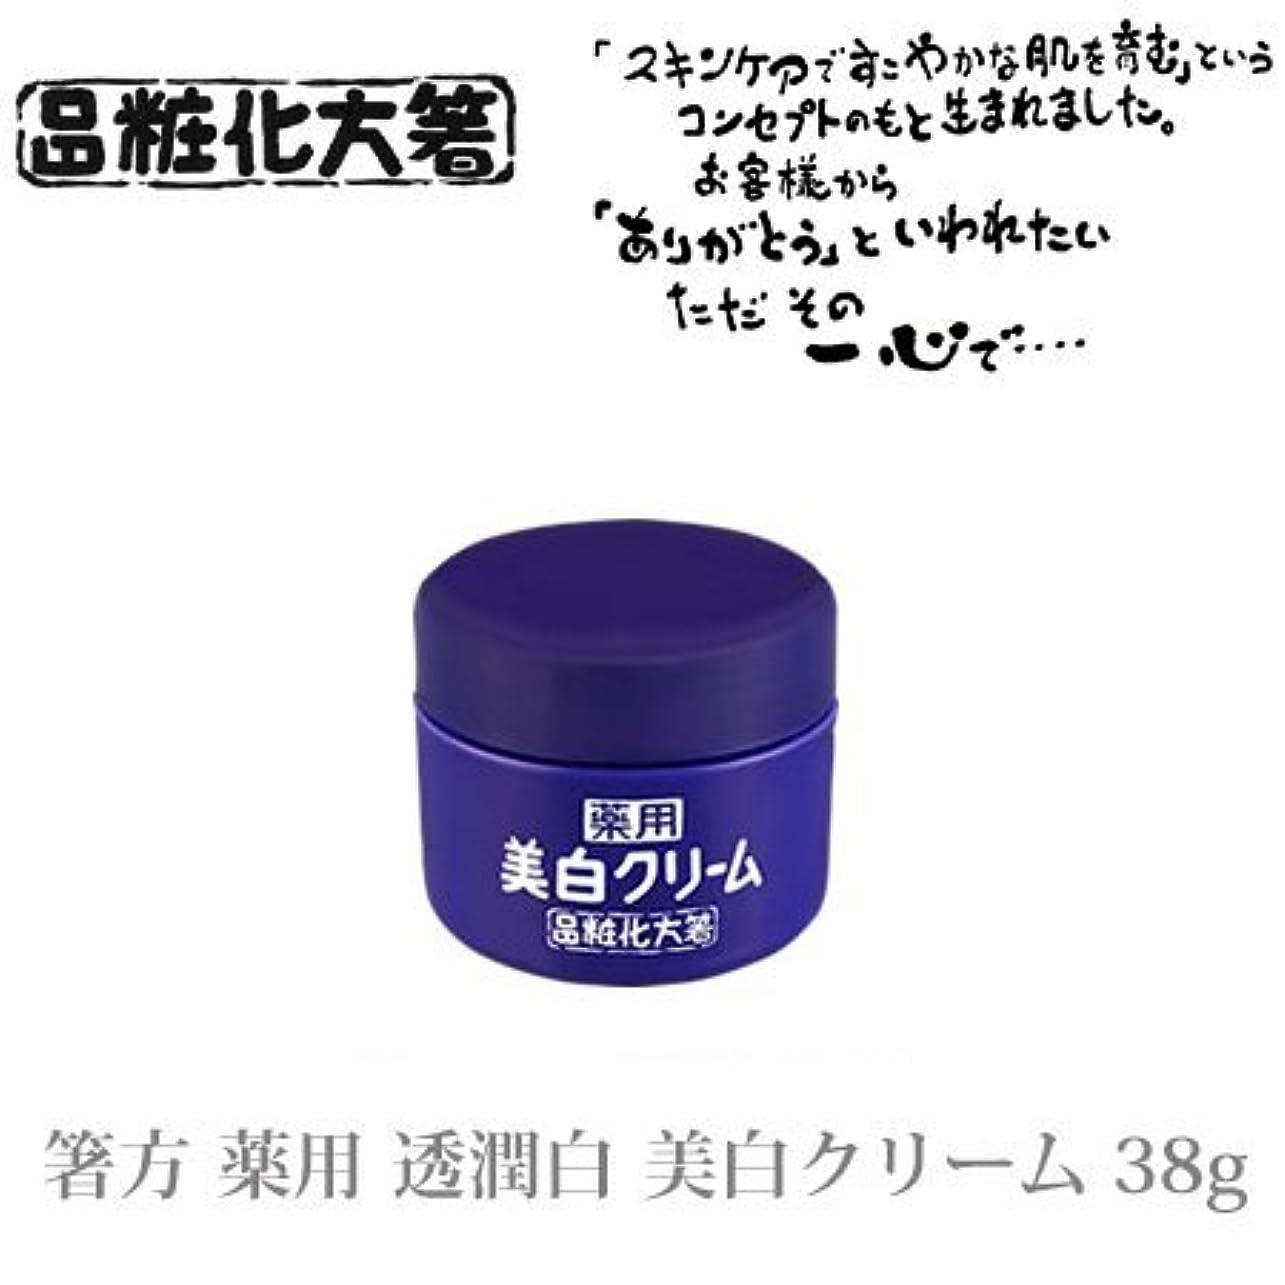 挑む白雪姫継続中箸方化粧品 薬用 透潤白 美白クリーム 38g はしかた化粧品